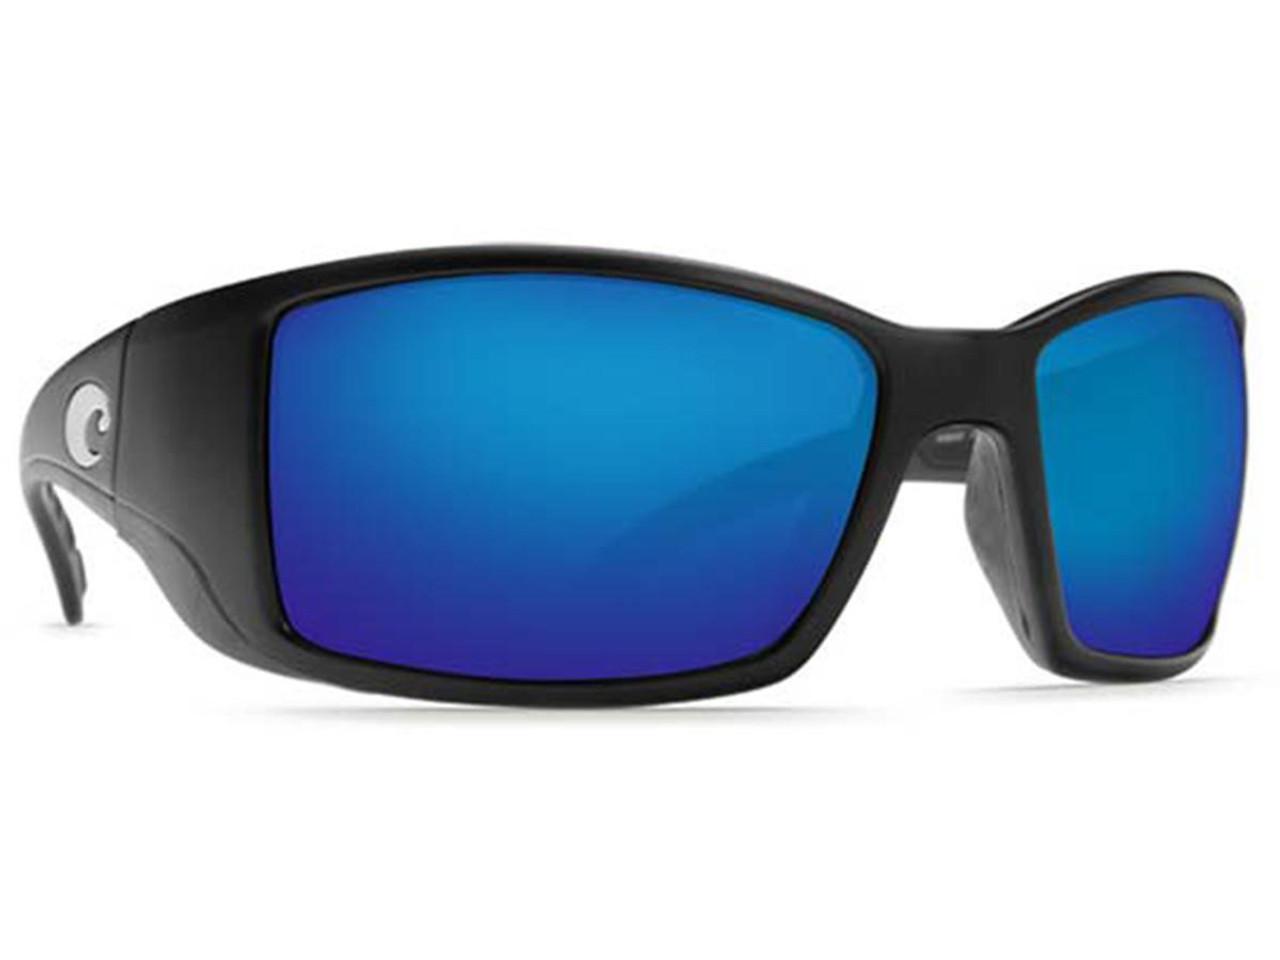 Costa Blackfin Omni Fit Sunglasses